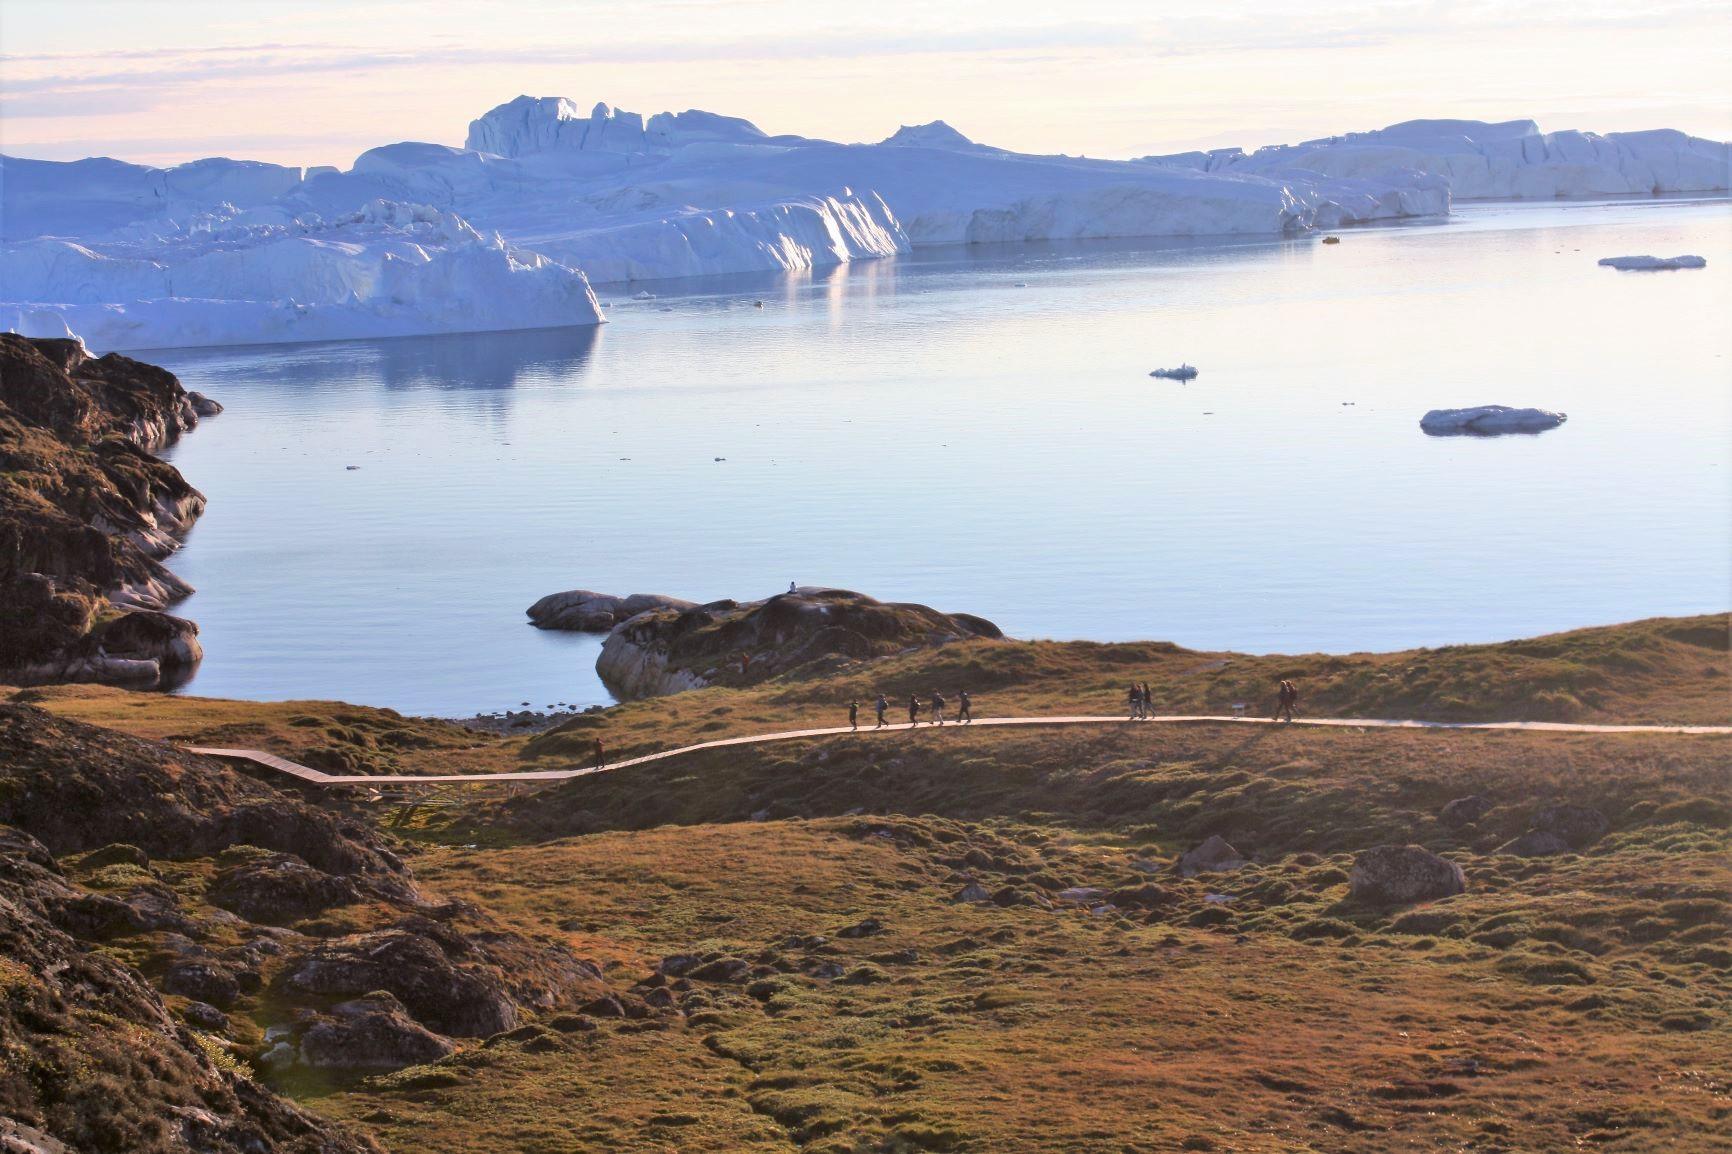 極地ならではのやわらかい斜光の中、氷山が浮かぶ海を眺めながら歩く